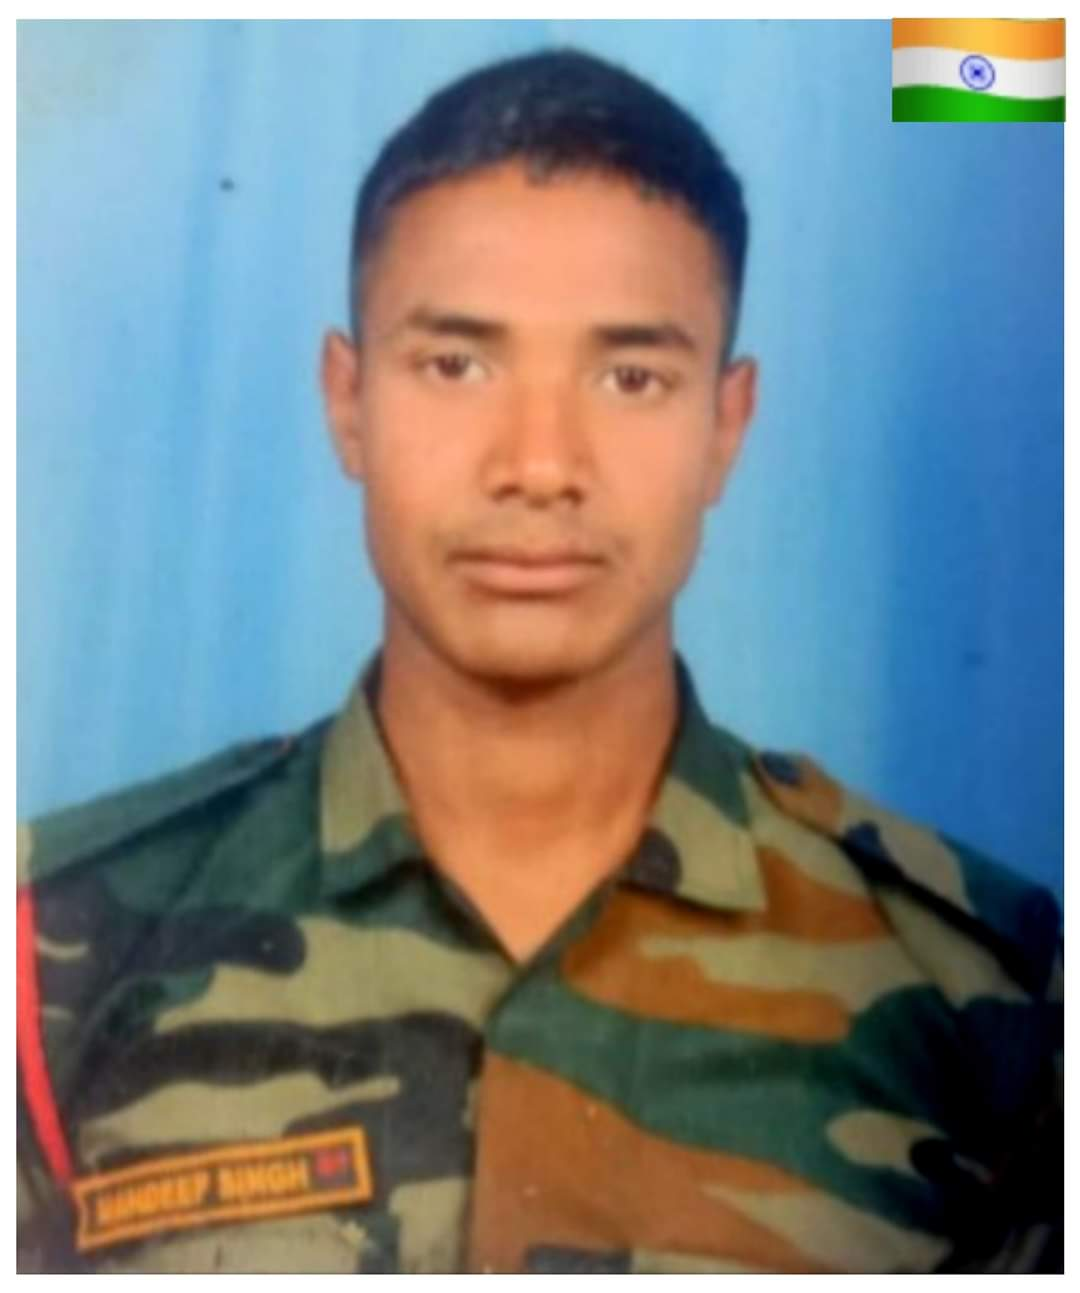 उत्तराखंड का लाल अपना फर्ज निभाते हुए, जम्मू कश्मीर की सरहद पर हुआ शहीद